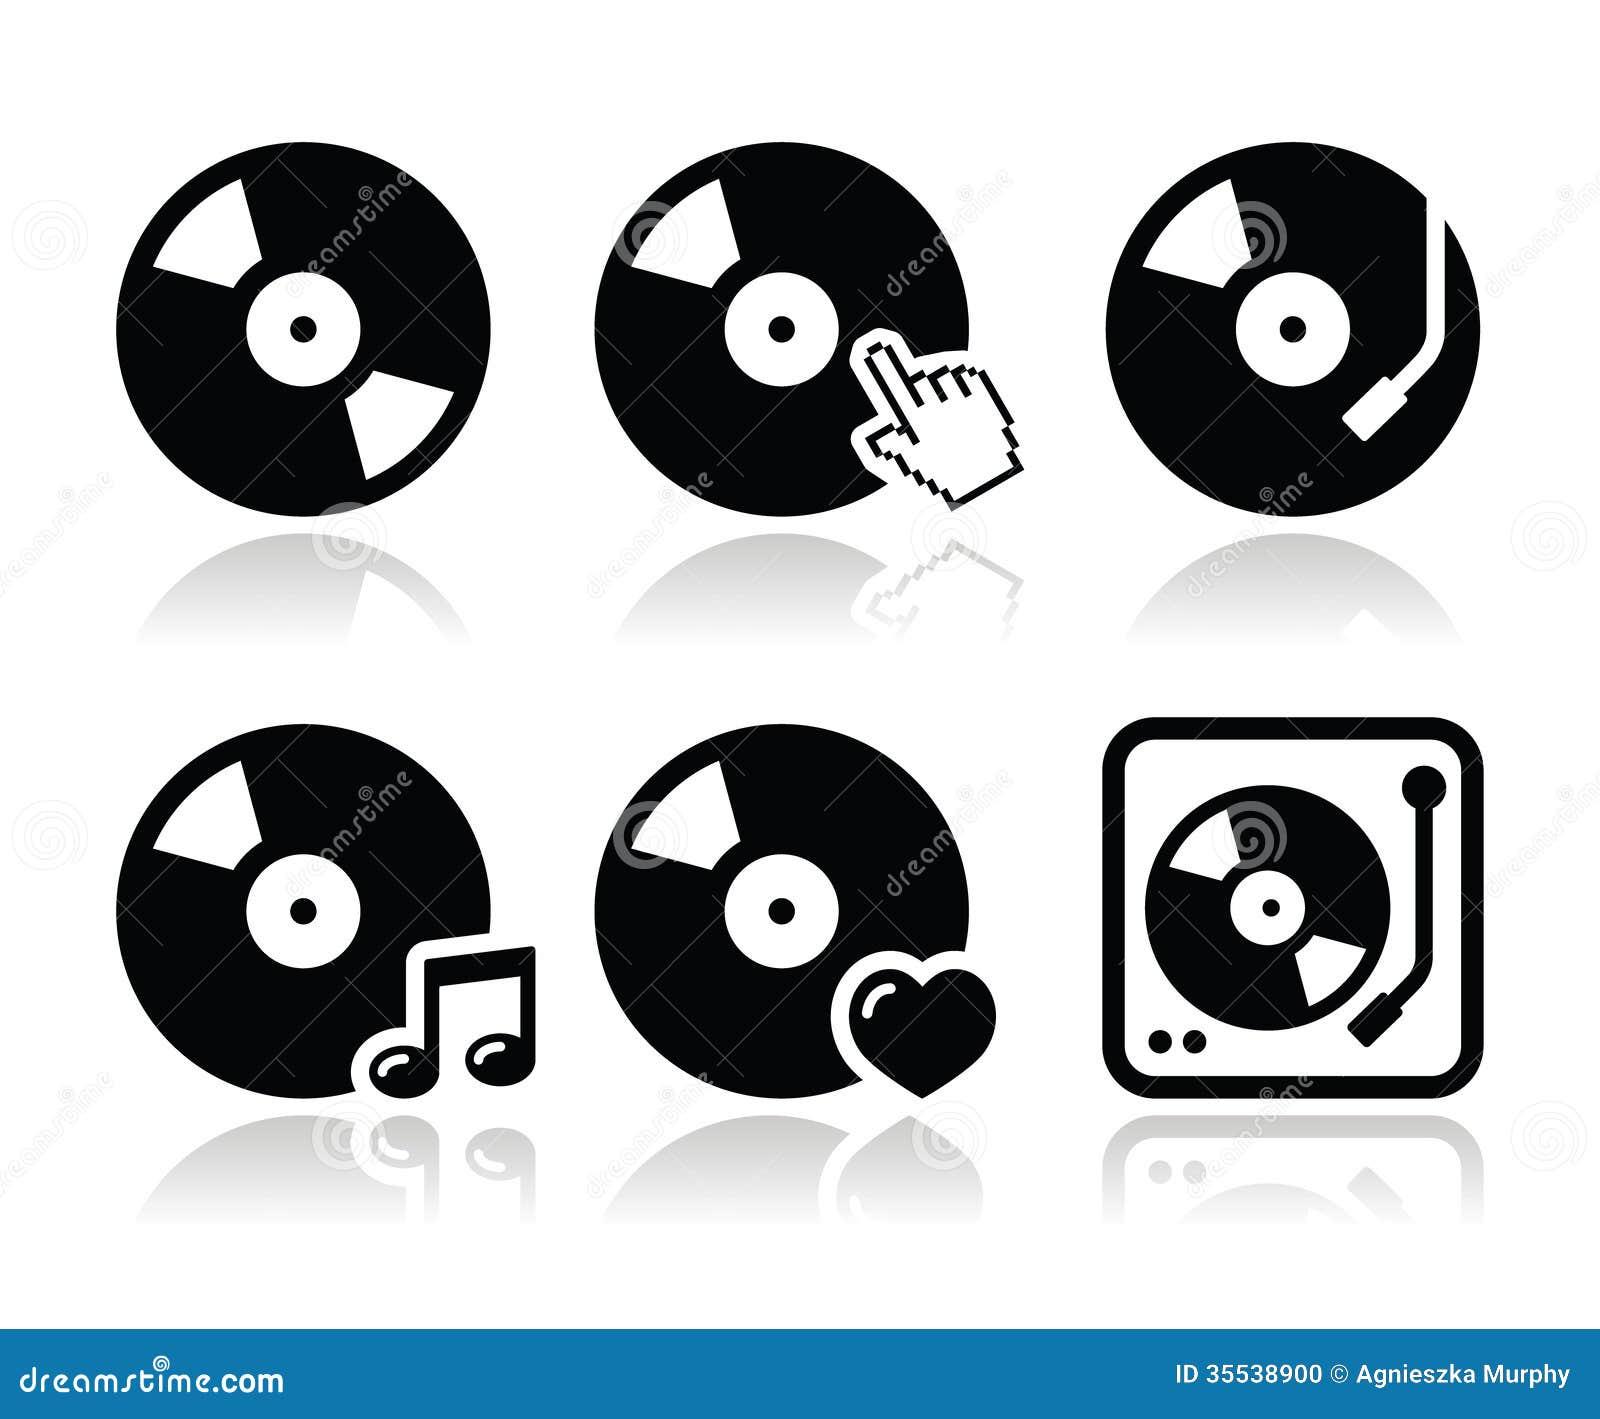 dj symbol clip art